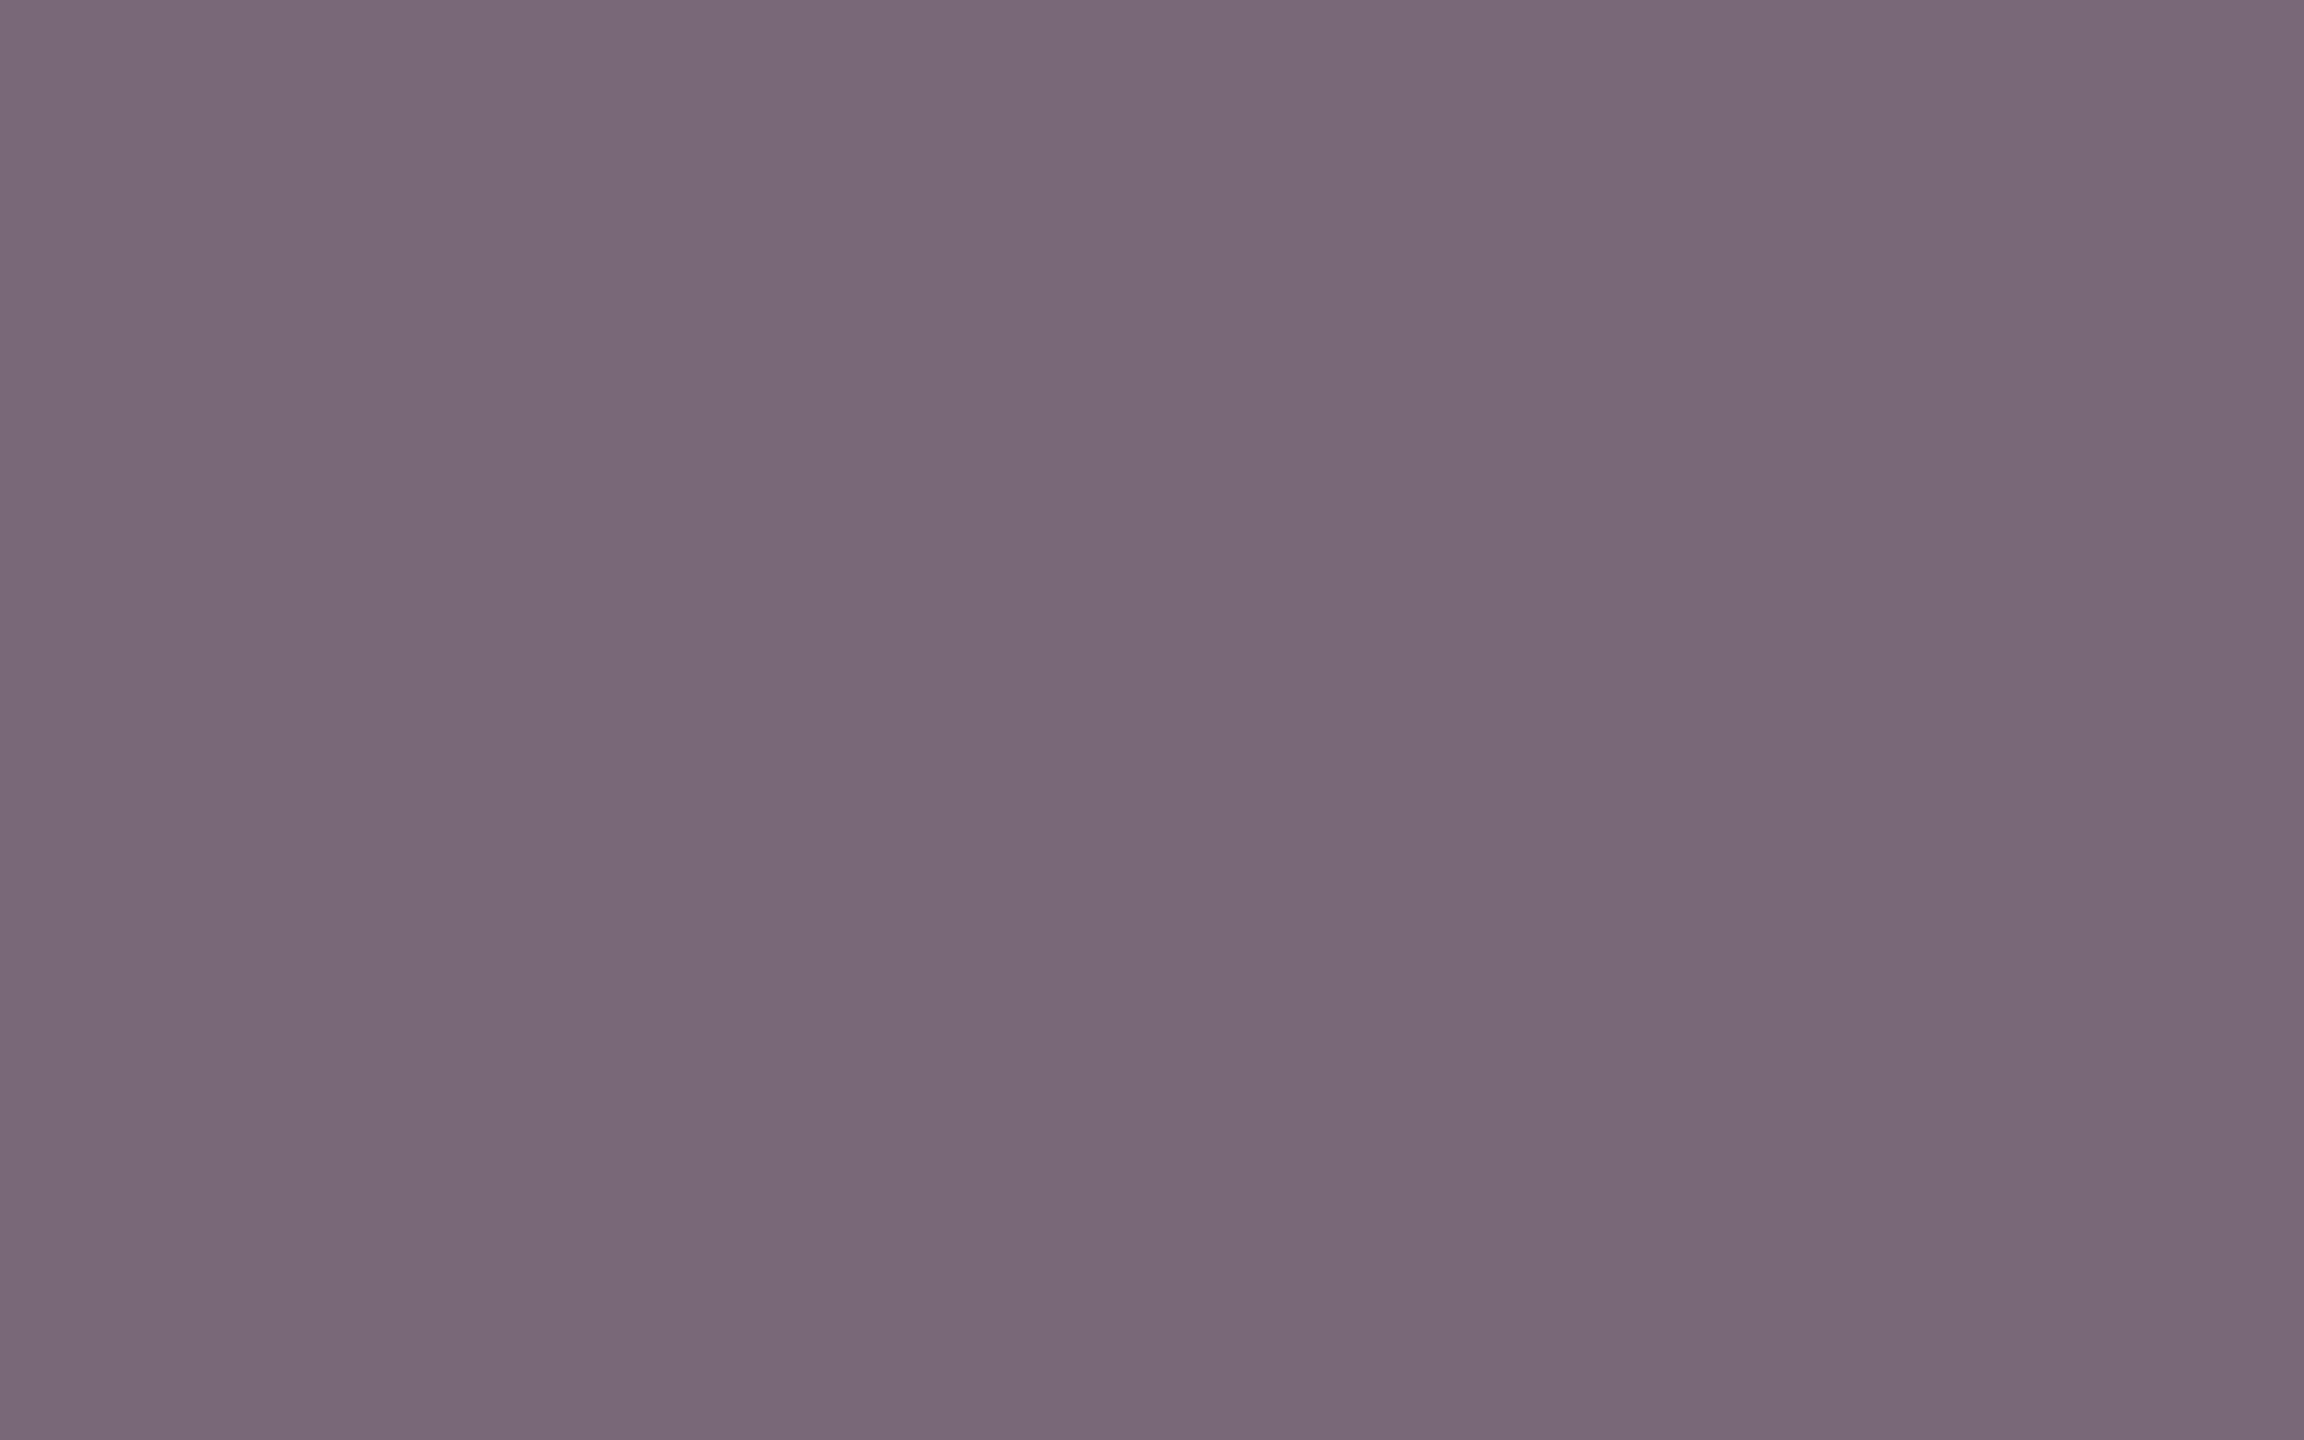 2304x1440 Old Lavender Solid Color Background